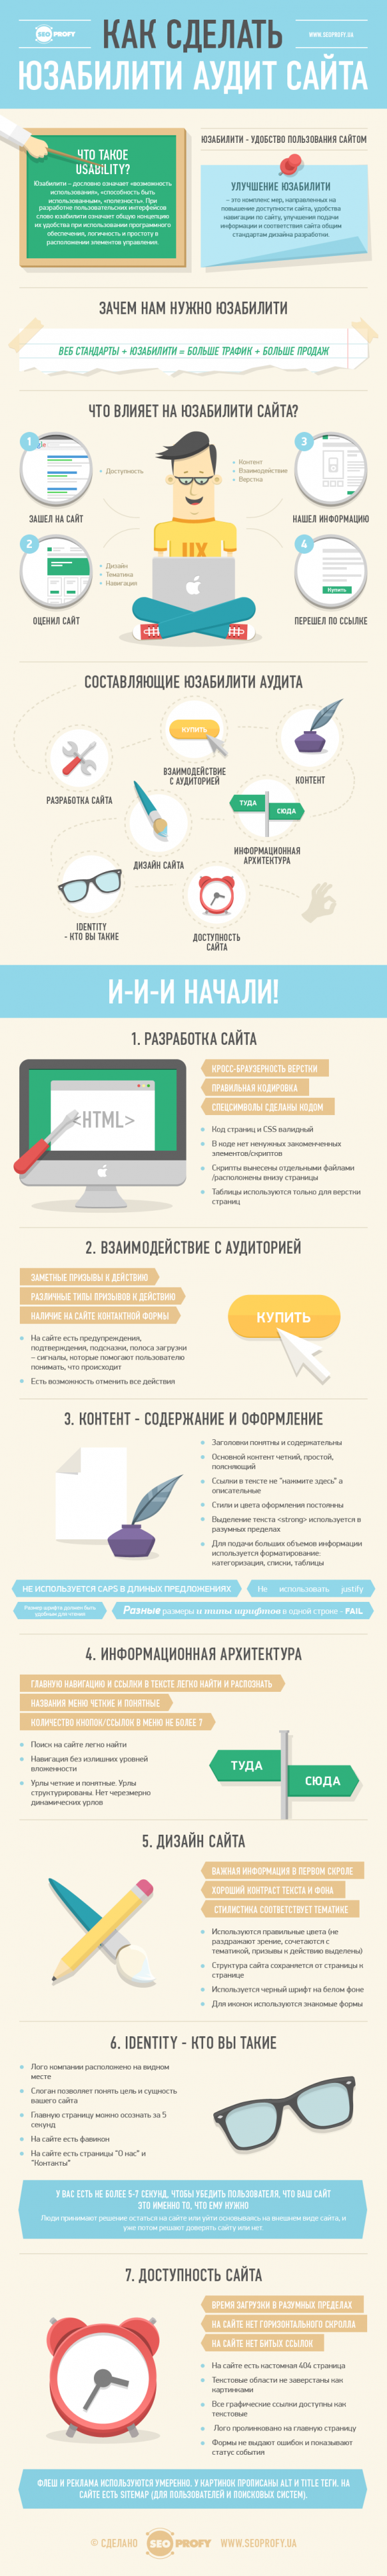 Как сделать юзабилити аудит сайта – инфографика